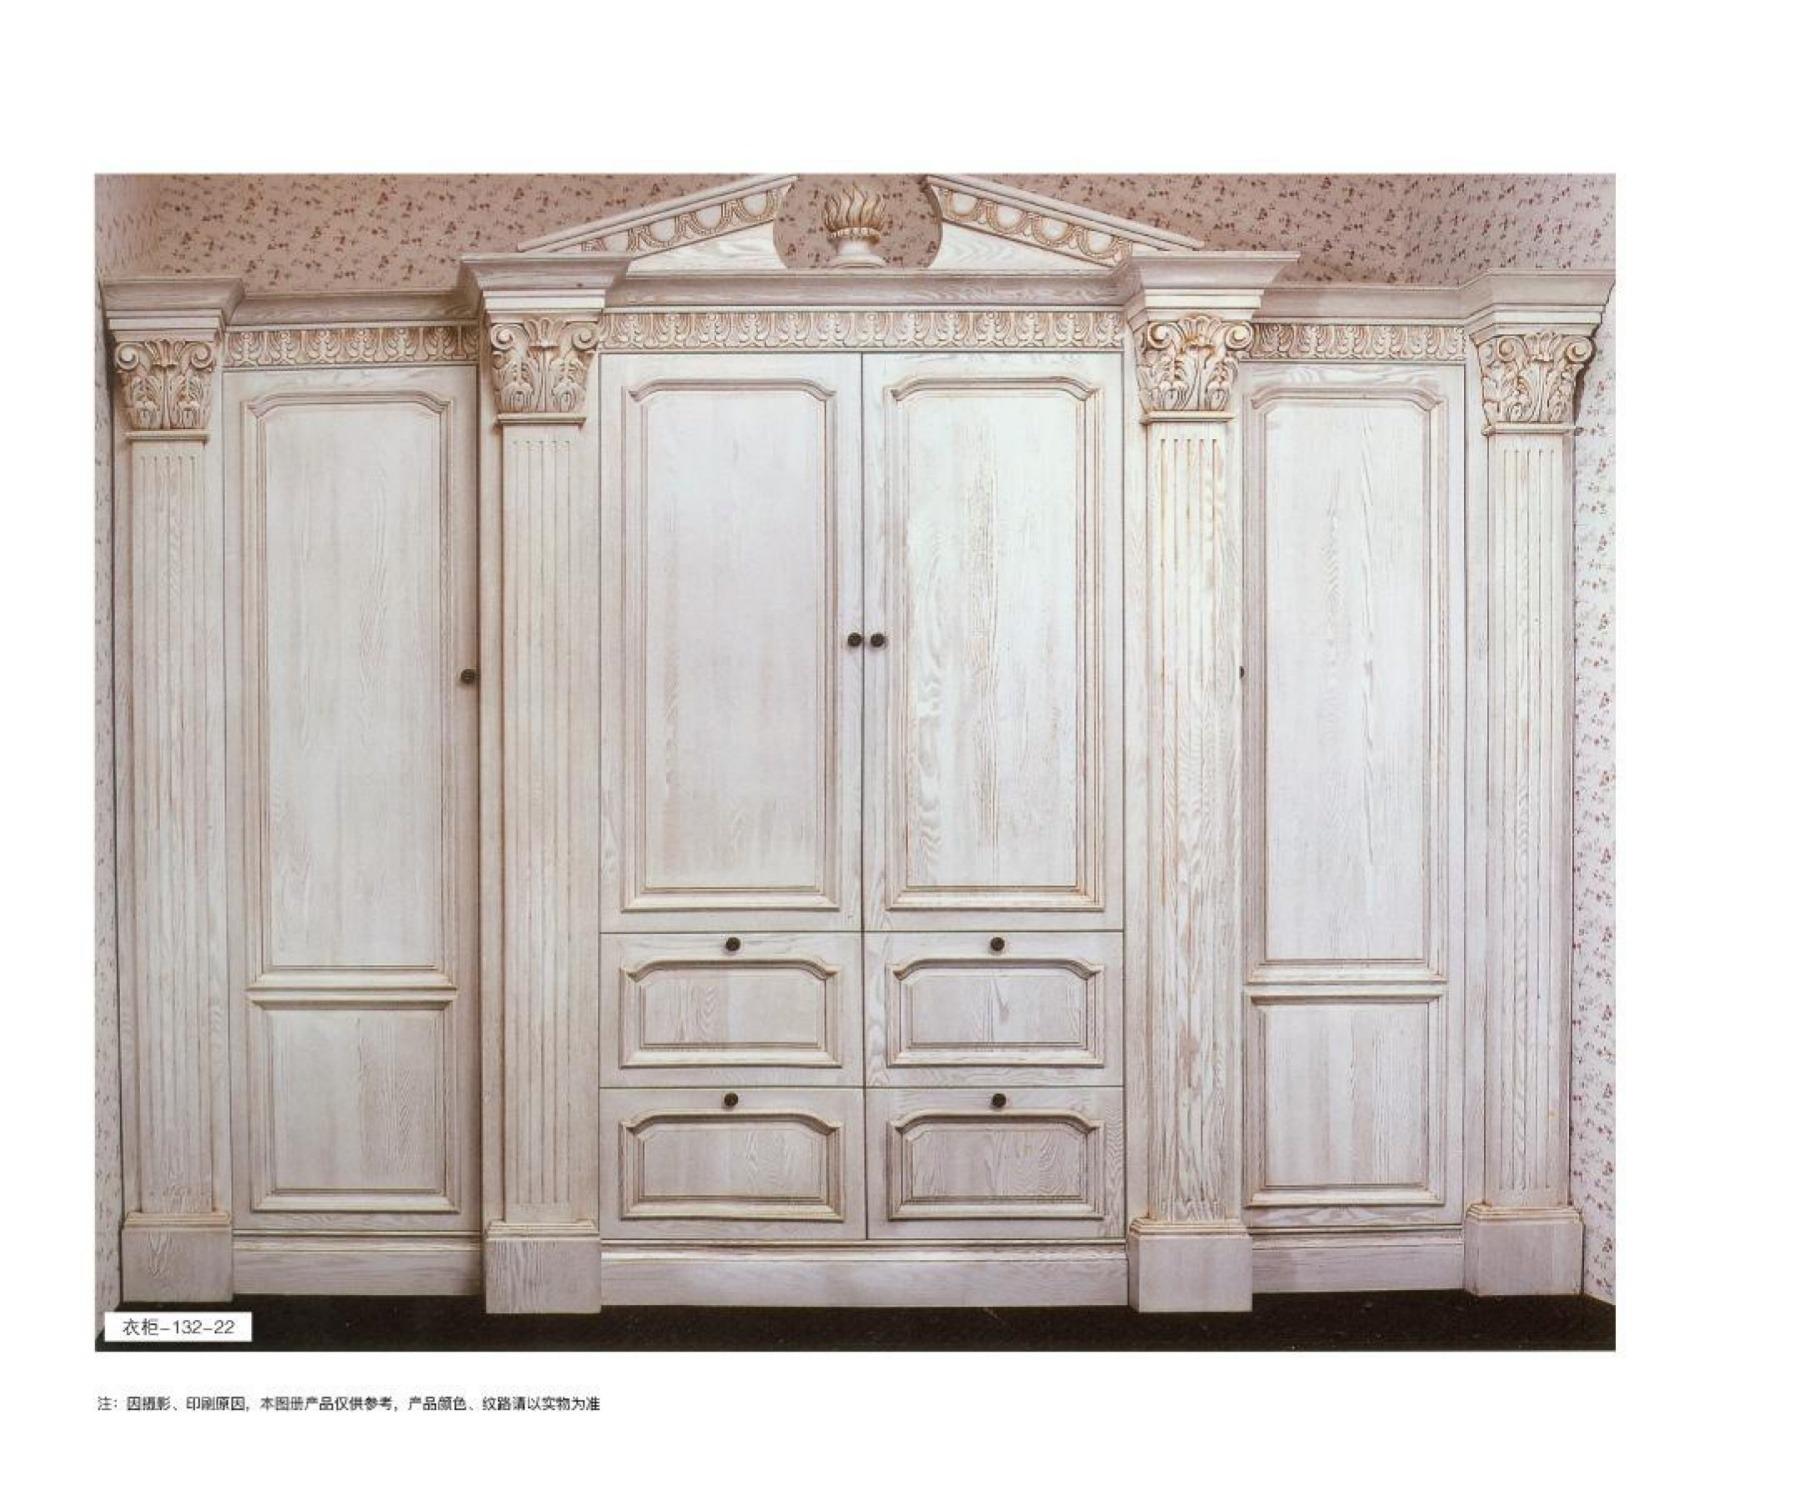 格兰伯爵定制衣柜 整体衣柜 高端衣帽间定制 全房家具定制  欧式衣柜 法式衣柜 现代风衣柜